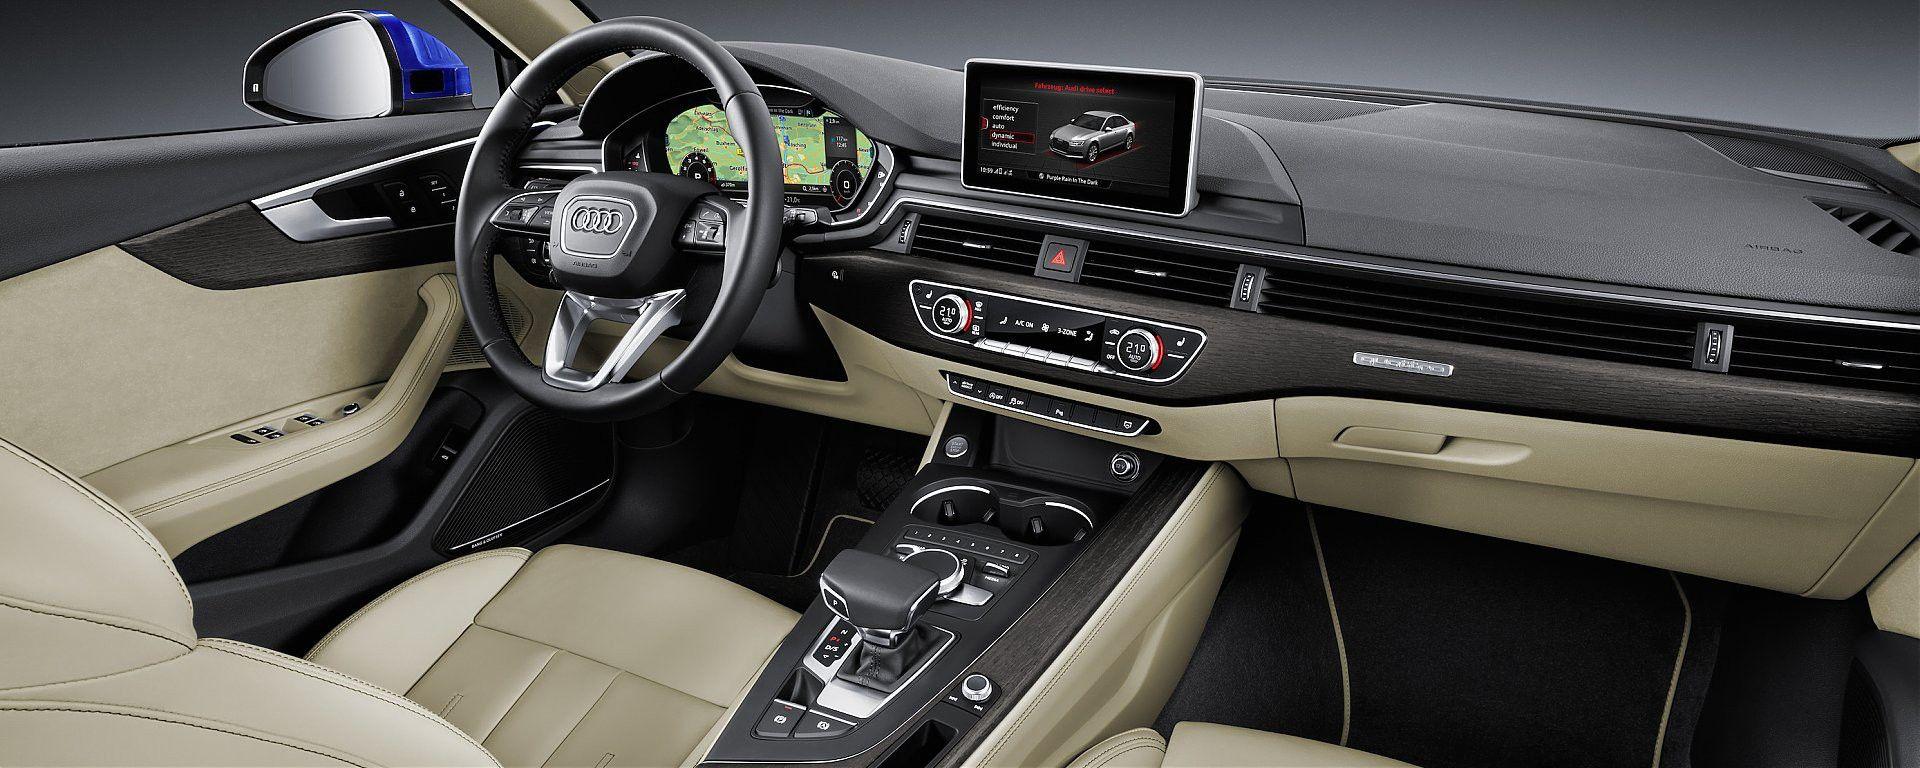 Audi A4 2016: le novità hi-tech